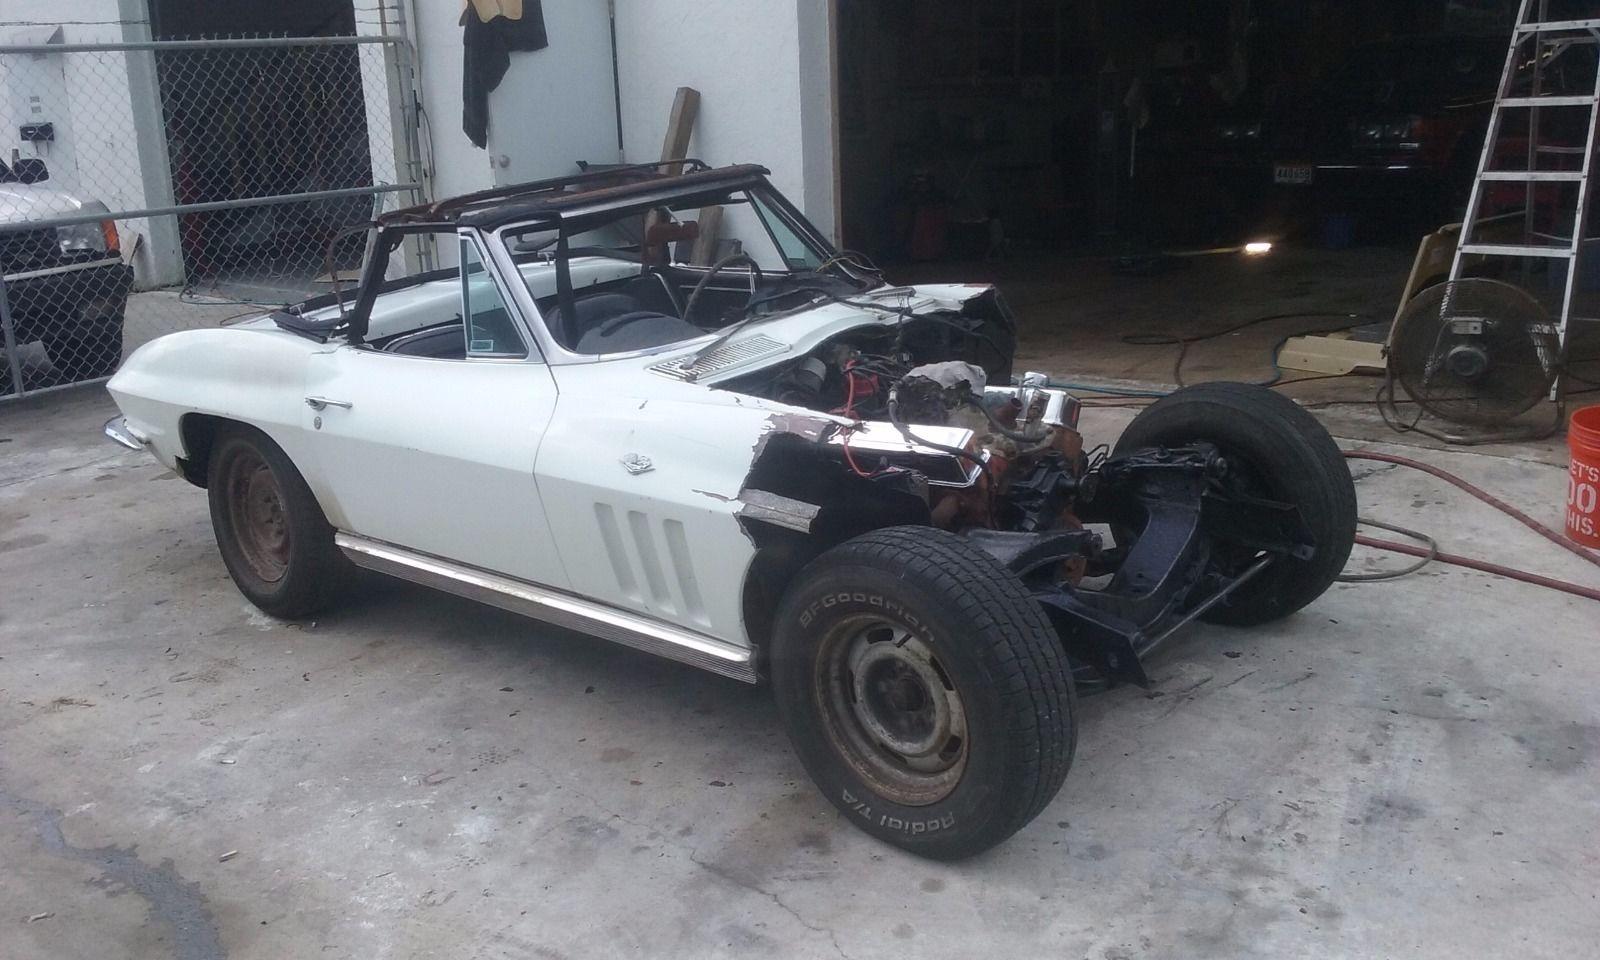 61 Corvette Barn Find Project Car Up For Sale On Ebay – Desenhos